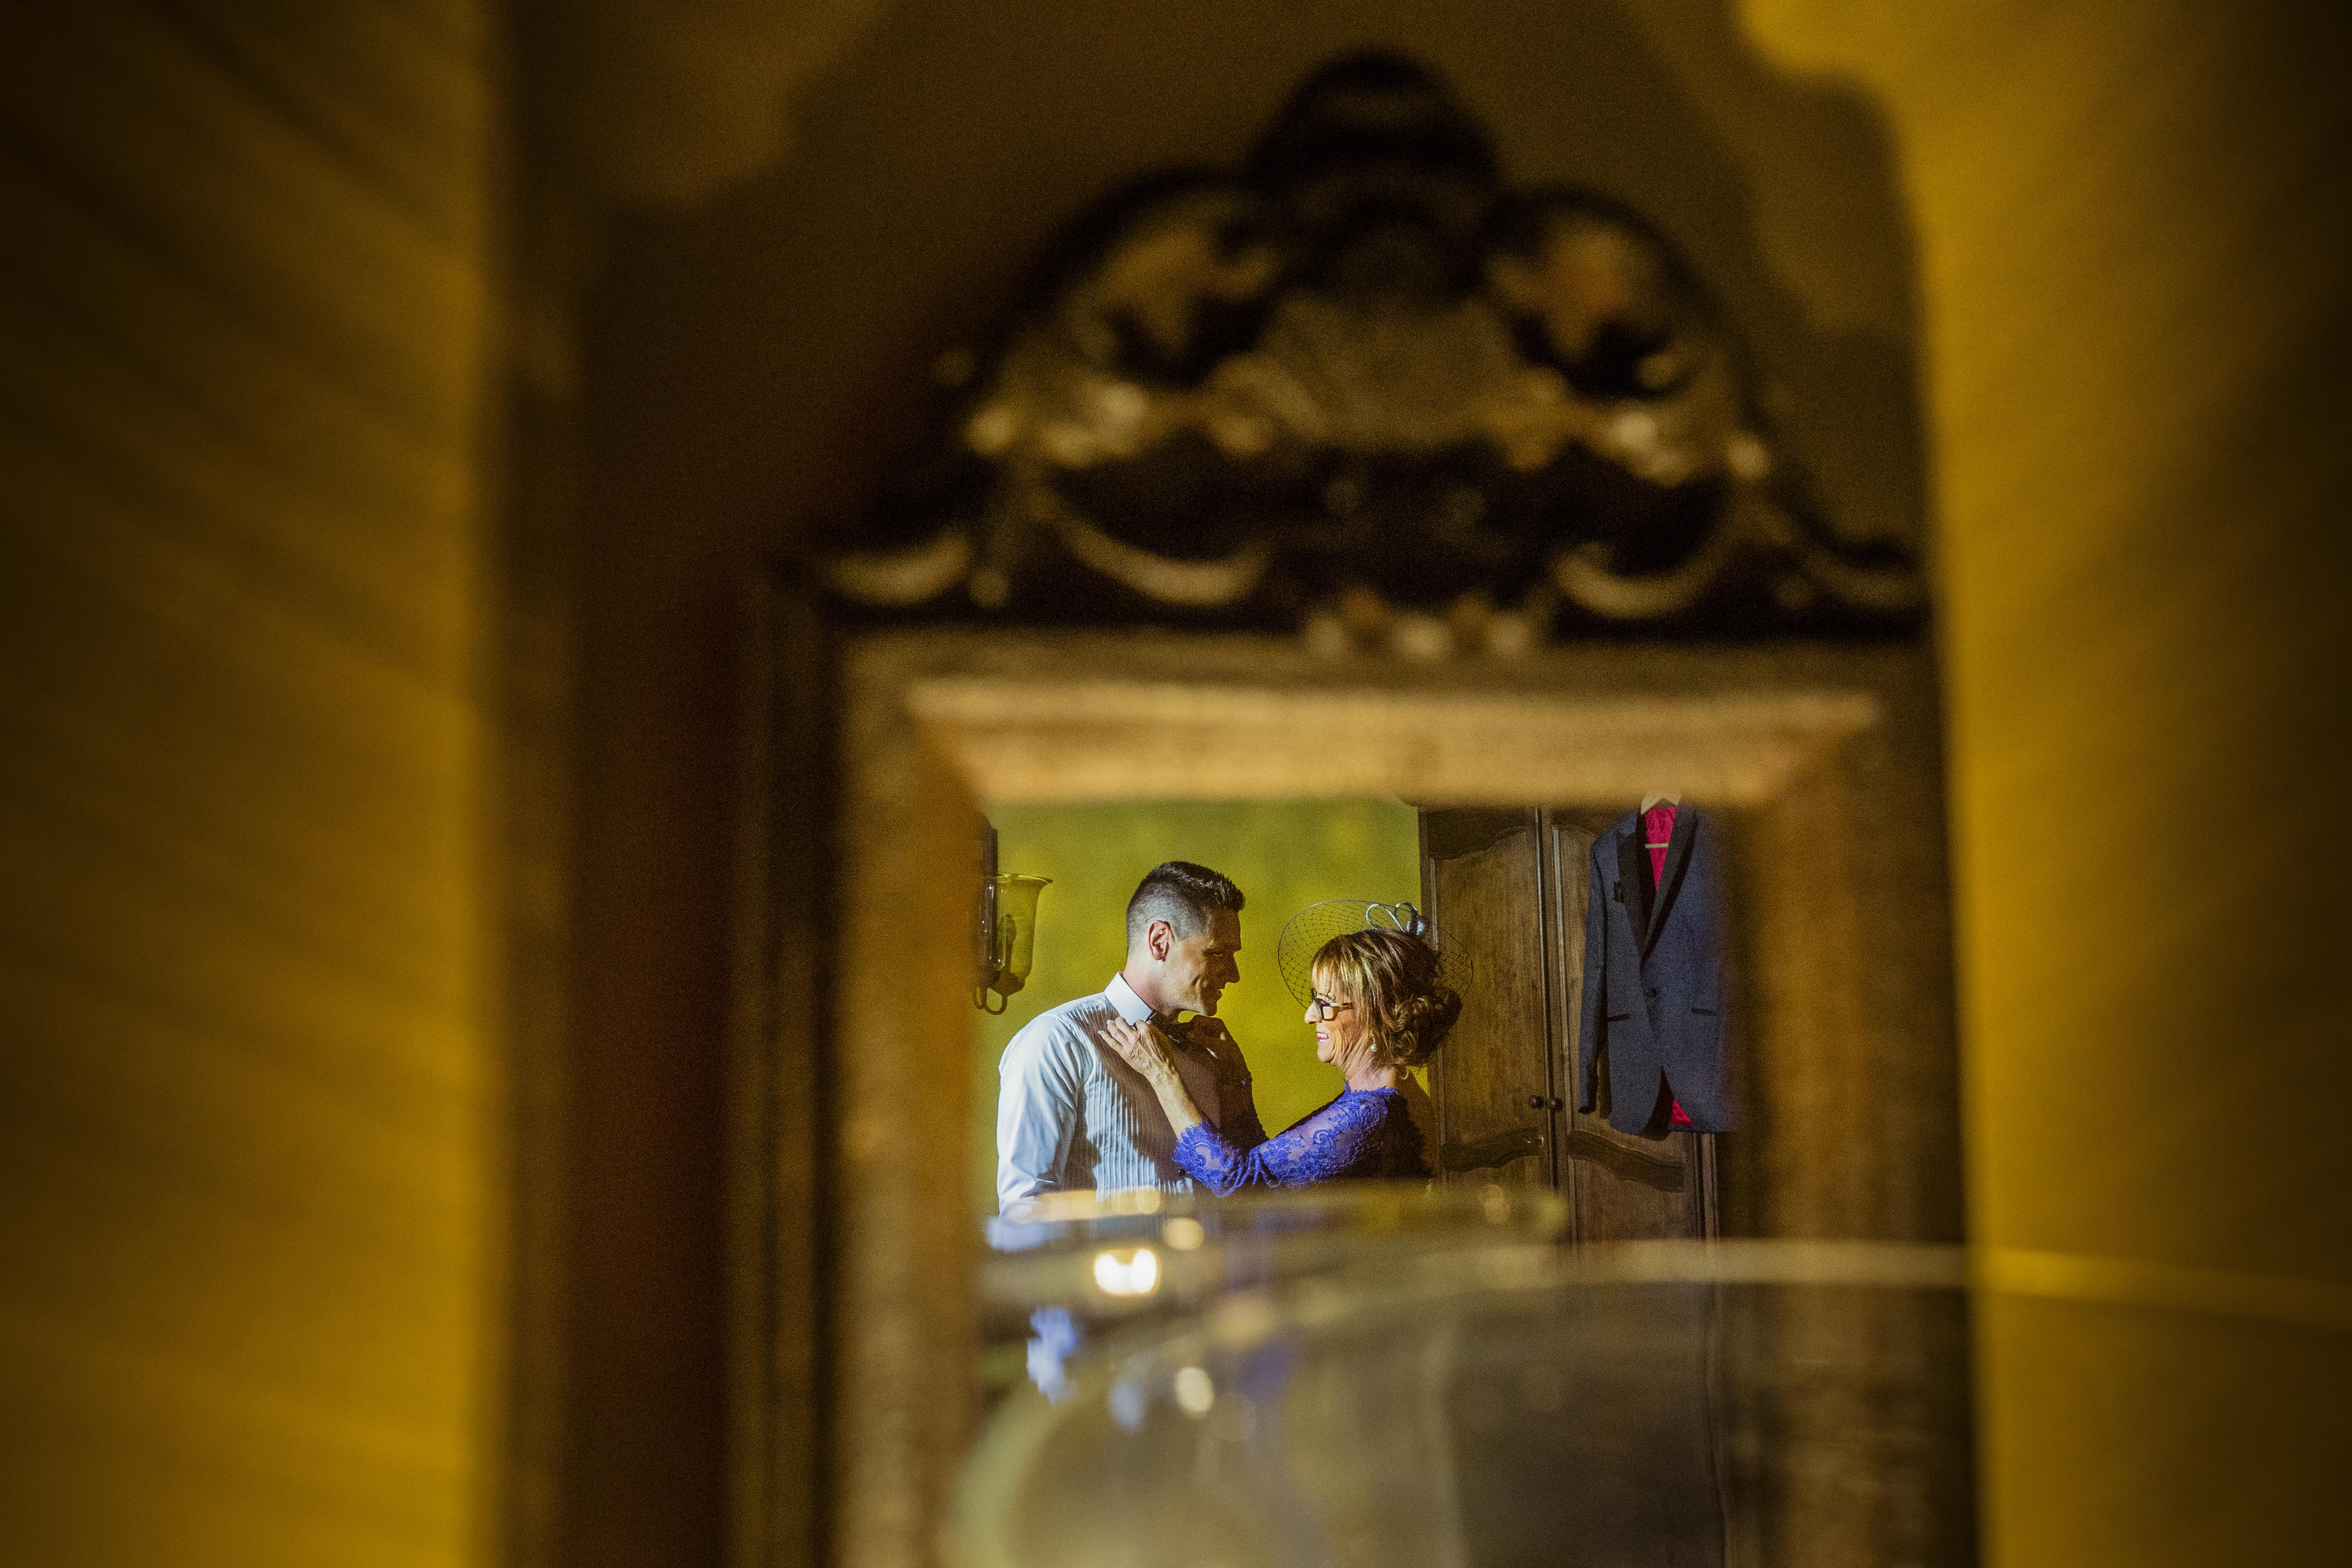 mandarina wedding, fotografos de boda, fotoperiodismo de boda, mejores fotografos de boda, bodas soria, bodas pirineo, bodas Madrid, fotógrafo daroca_21